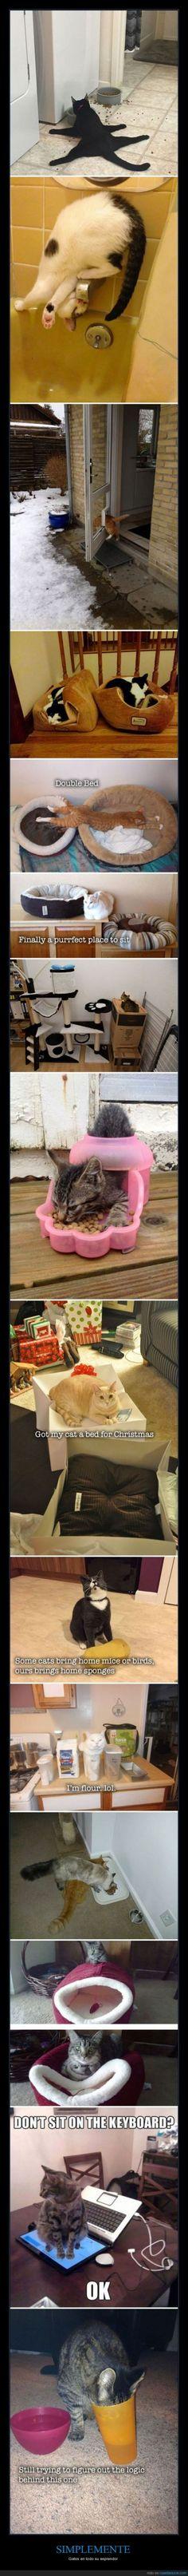 Los gatos siguen sus propias normas de la lógica - Gatos en todo su esplendor